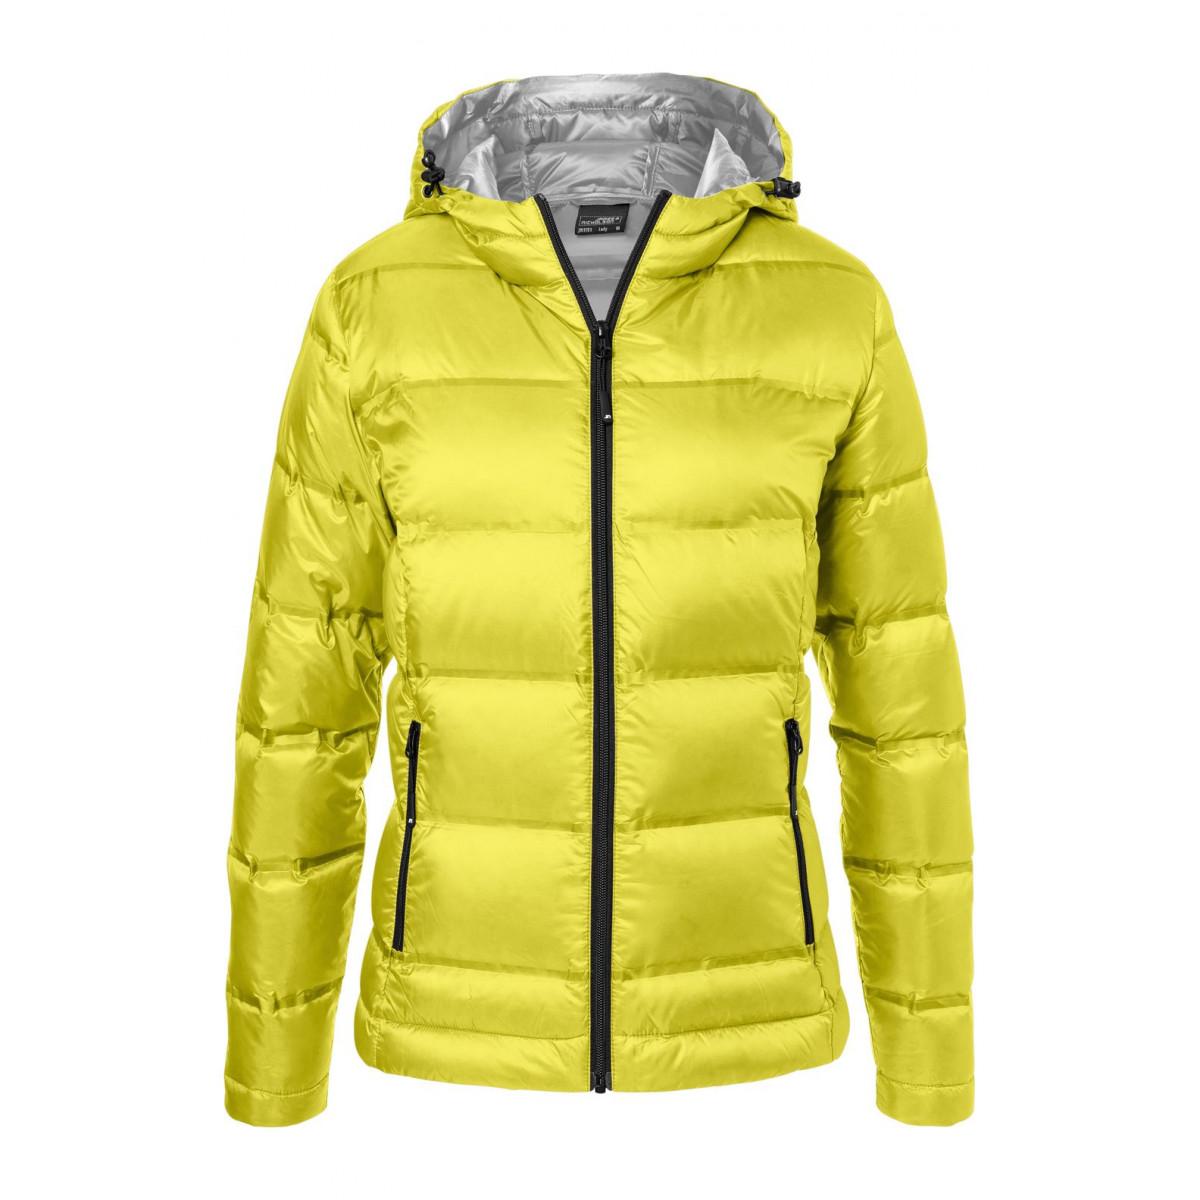 Куртка женская JN1151 Ladies Hooded Down Jacket - Желтый/Серебряный